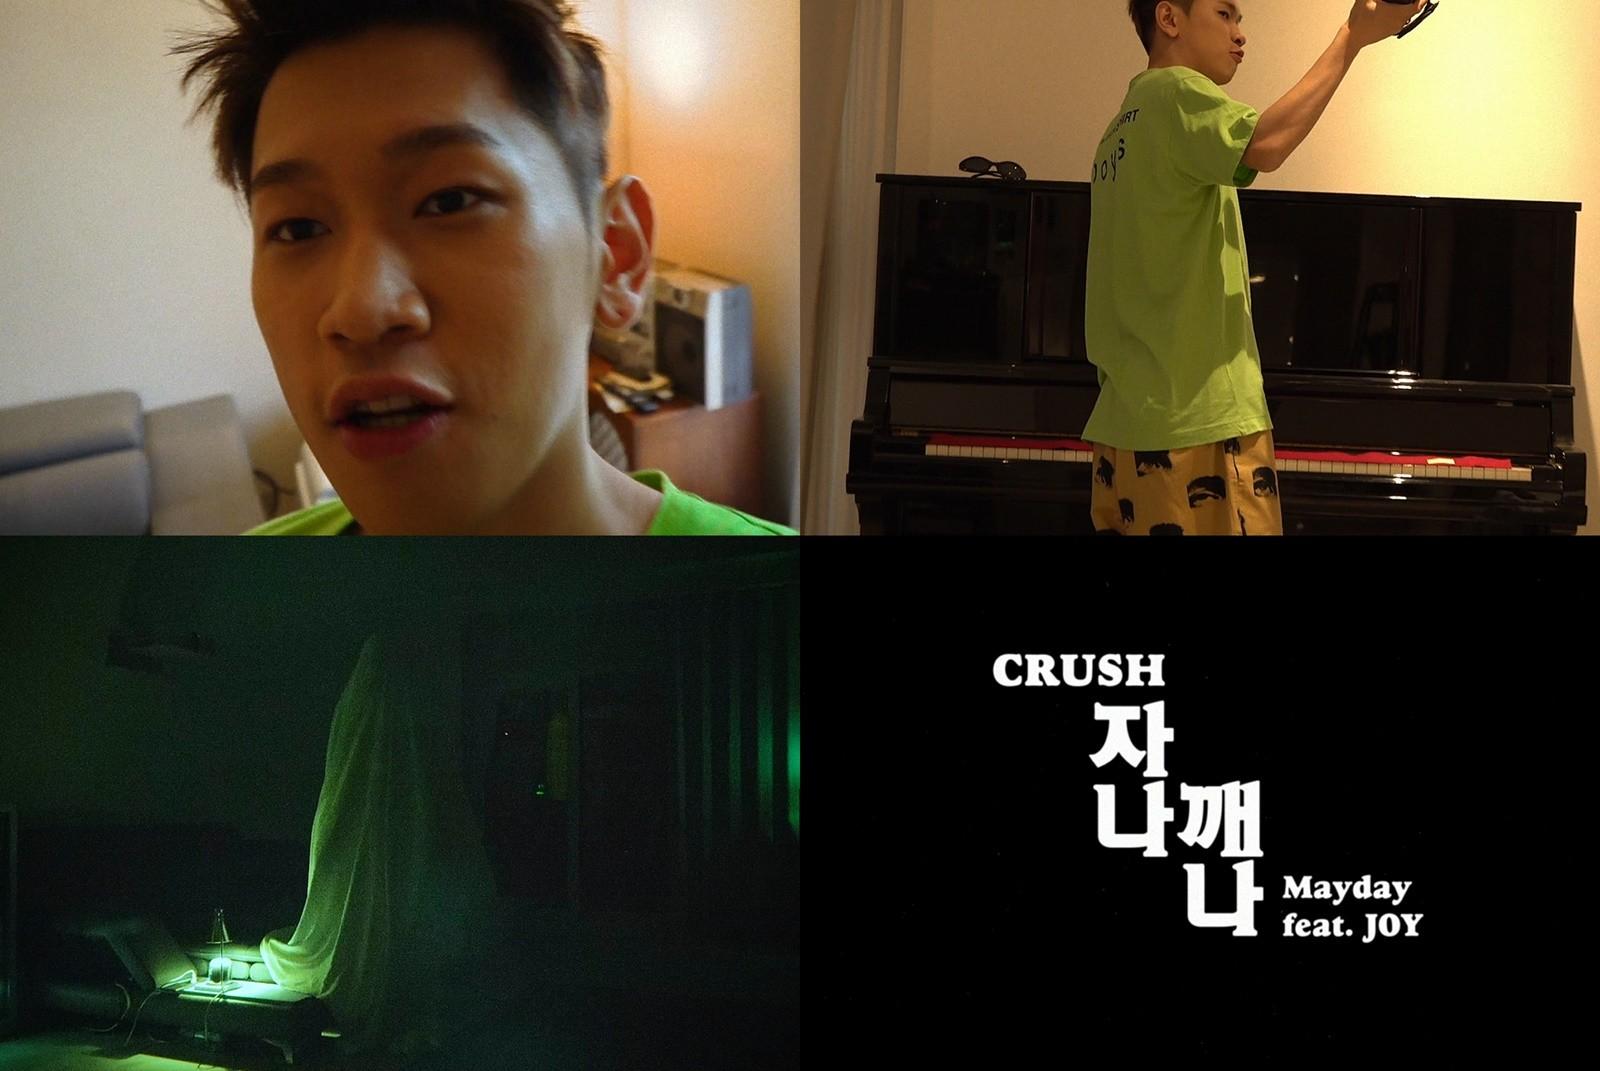 크러쉬, '자나깨나' MV 트레일러 공개...의문의 랜선 집들이